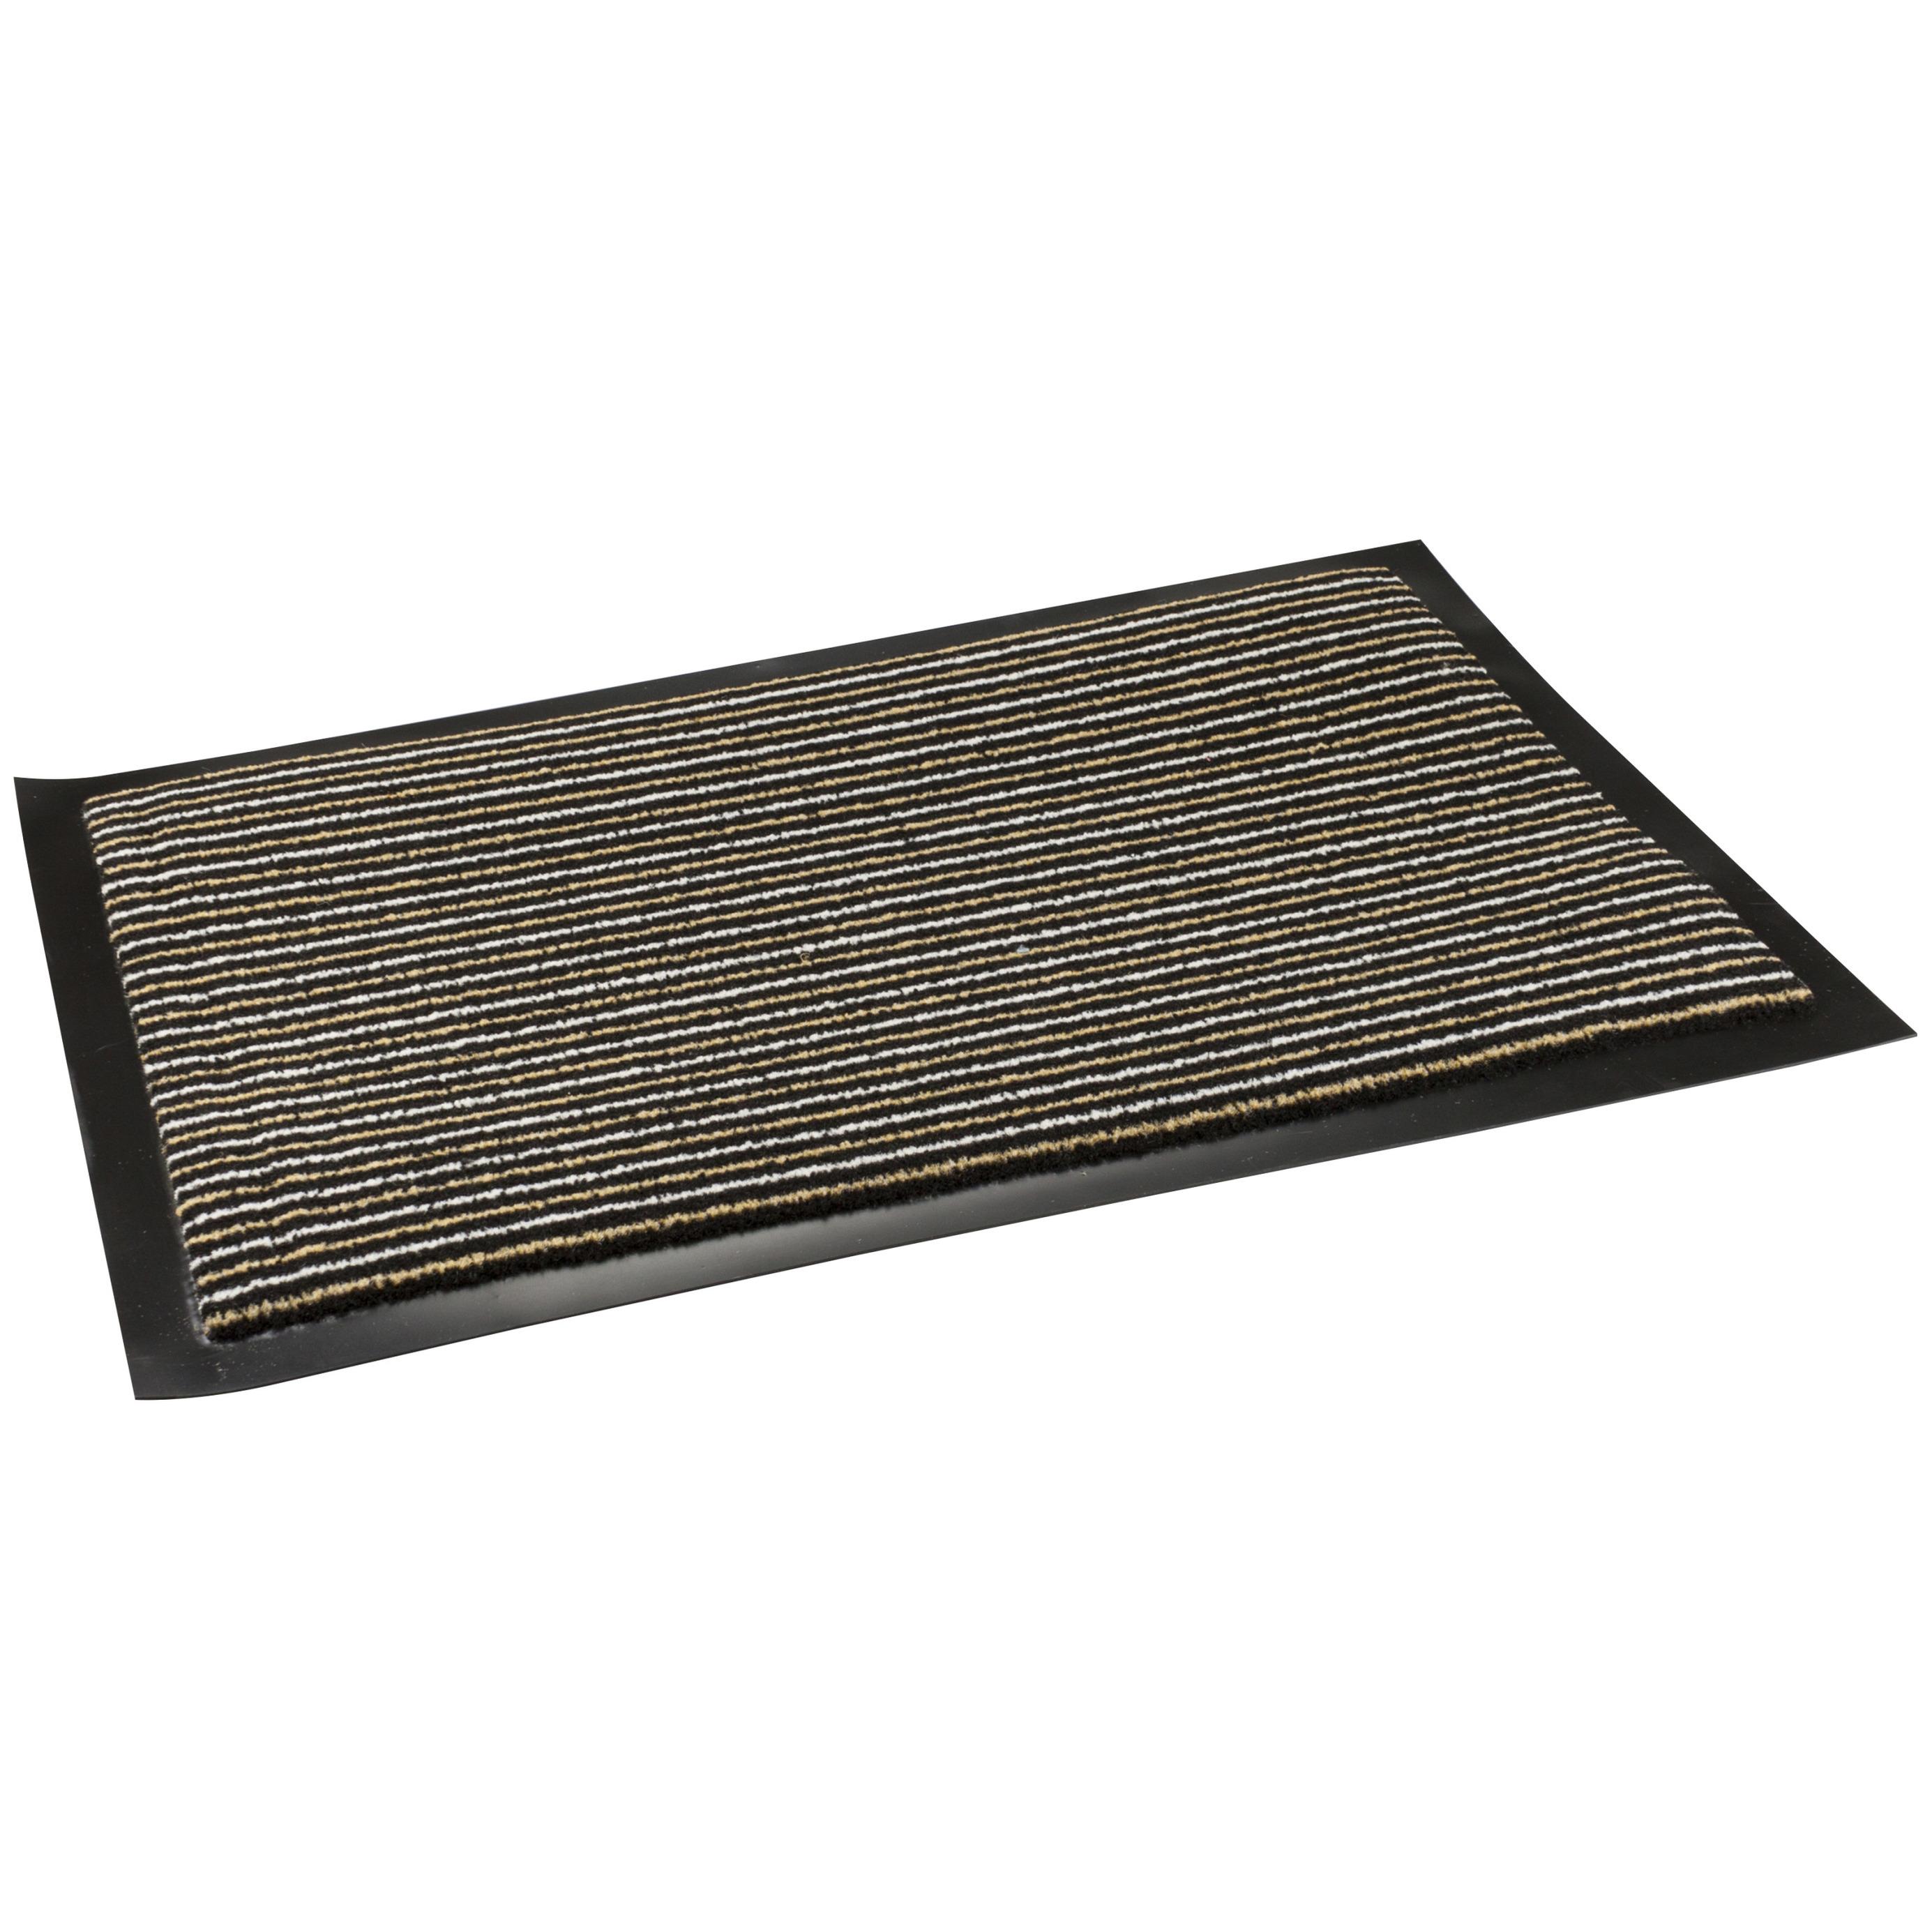 Anti slip deurmat-schoonloopmat pvc bruin 60 x 40 cm voor binnen